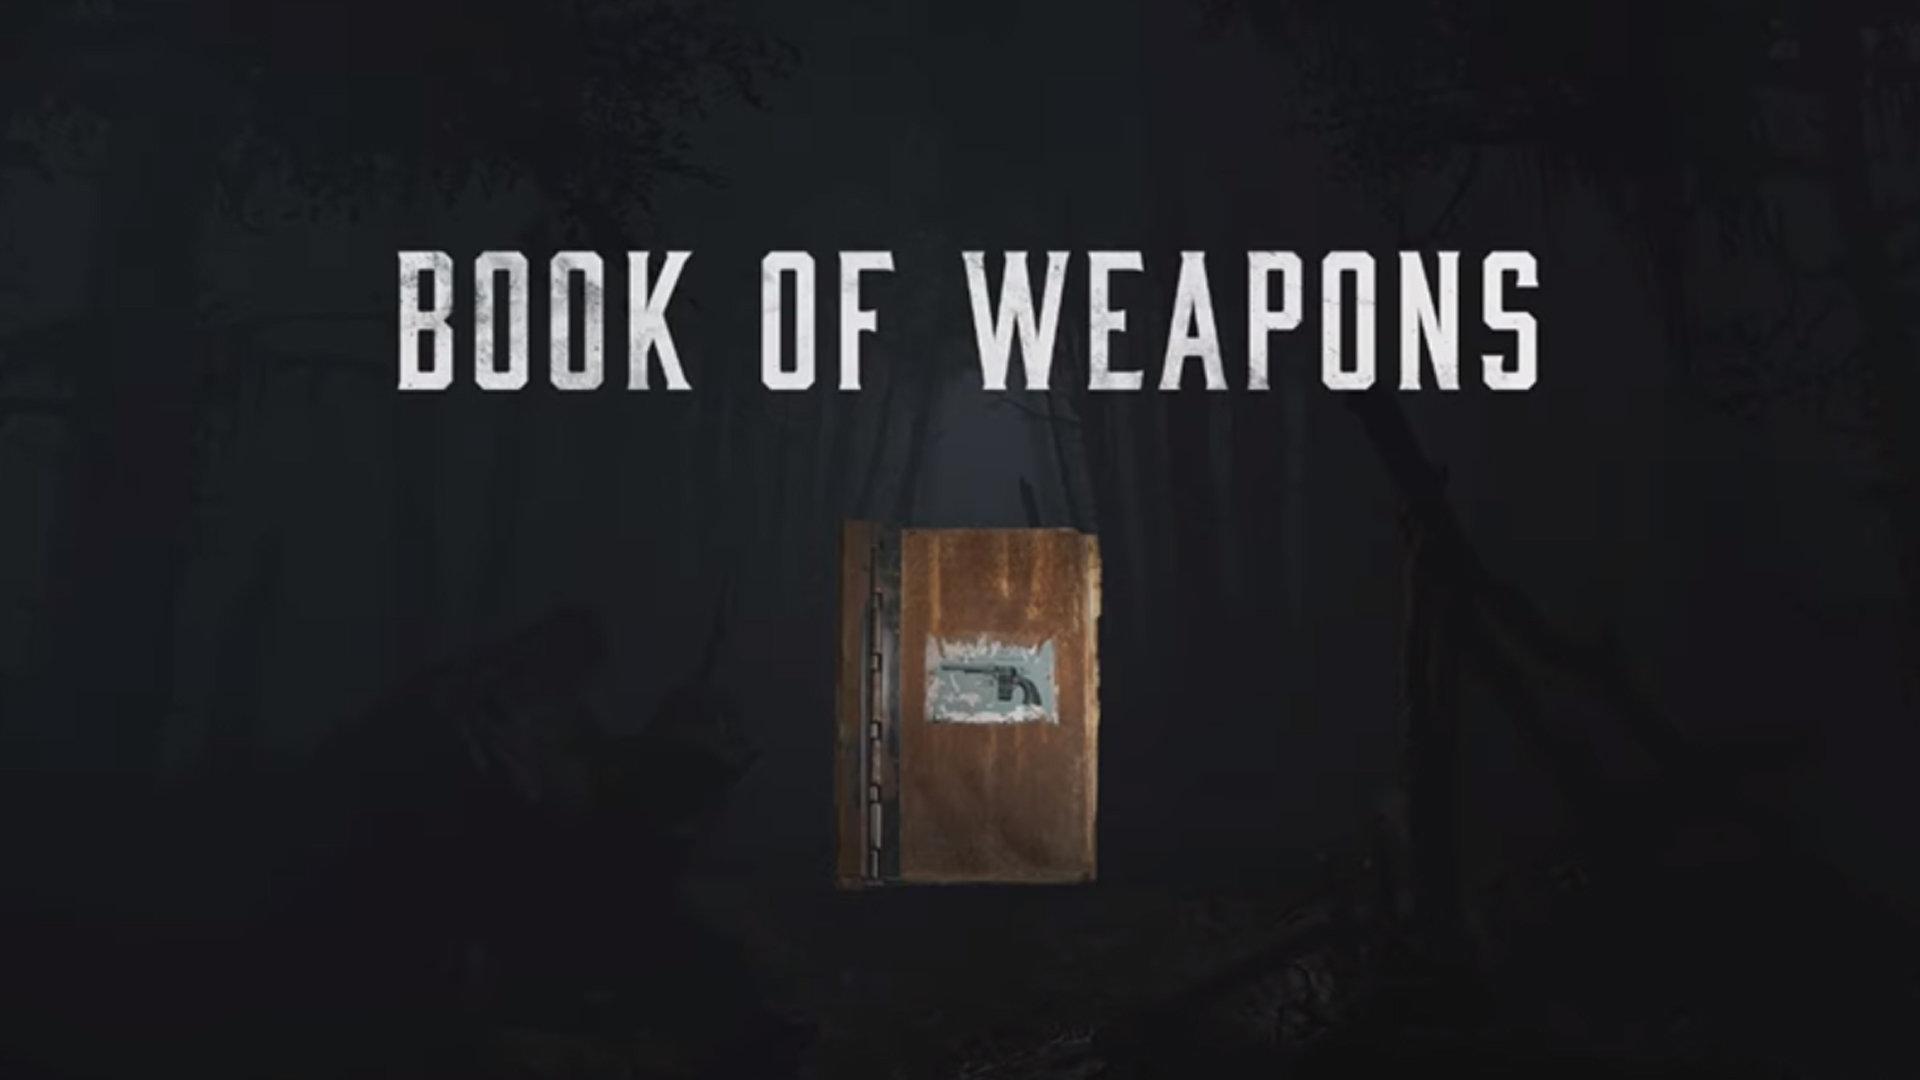 bookofweapons.jpg